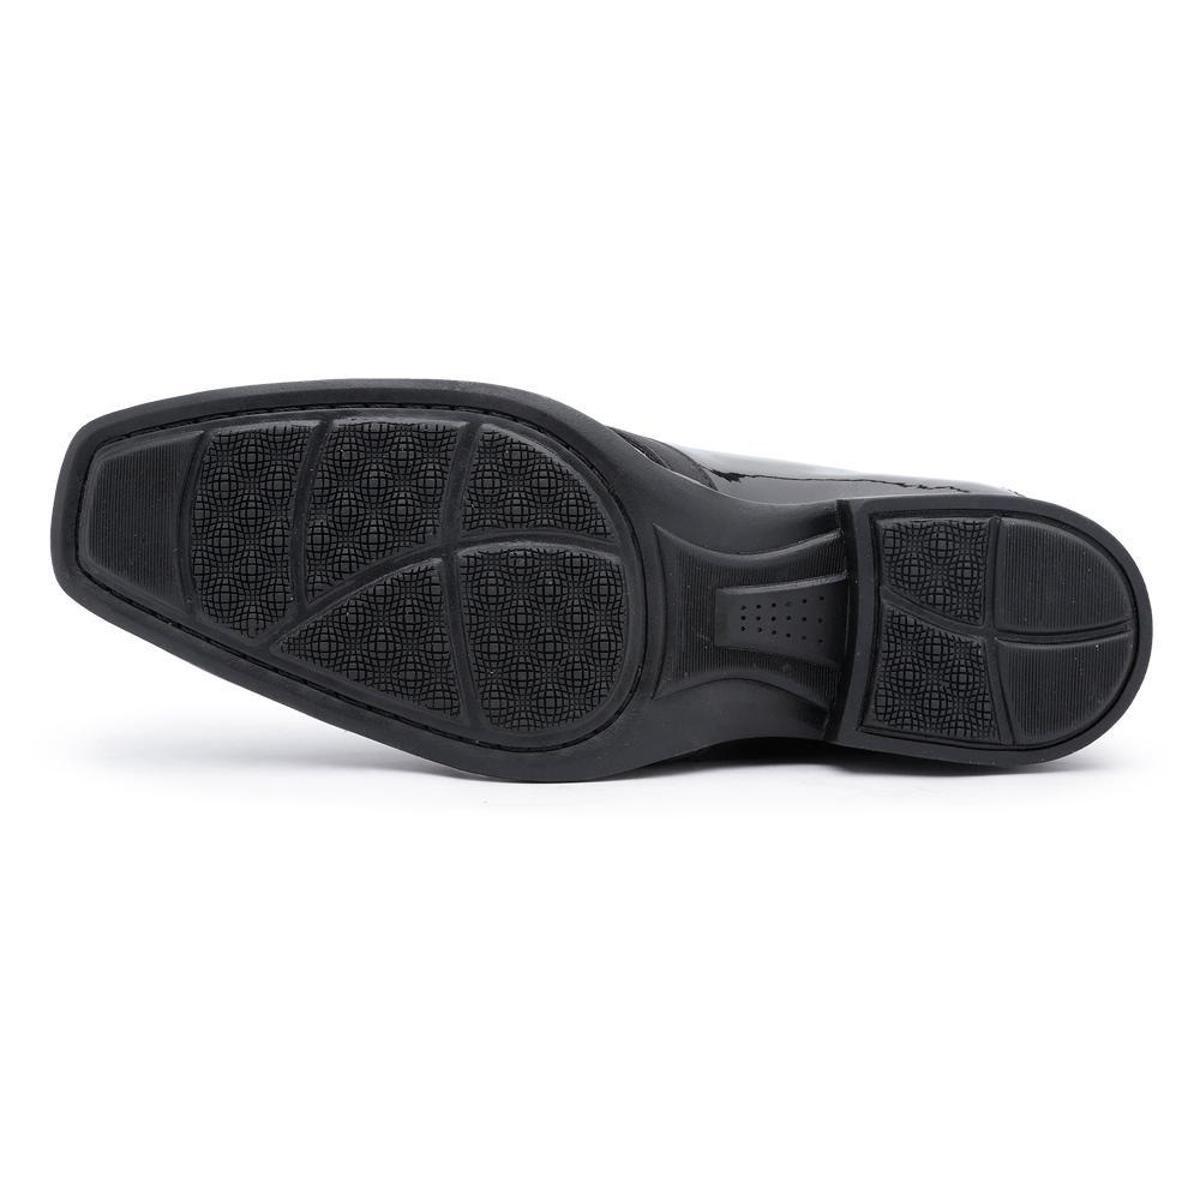 Sapato Sapato Couro Preto Social Ruggero Ecológico Masculino Social r5prB